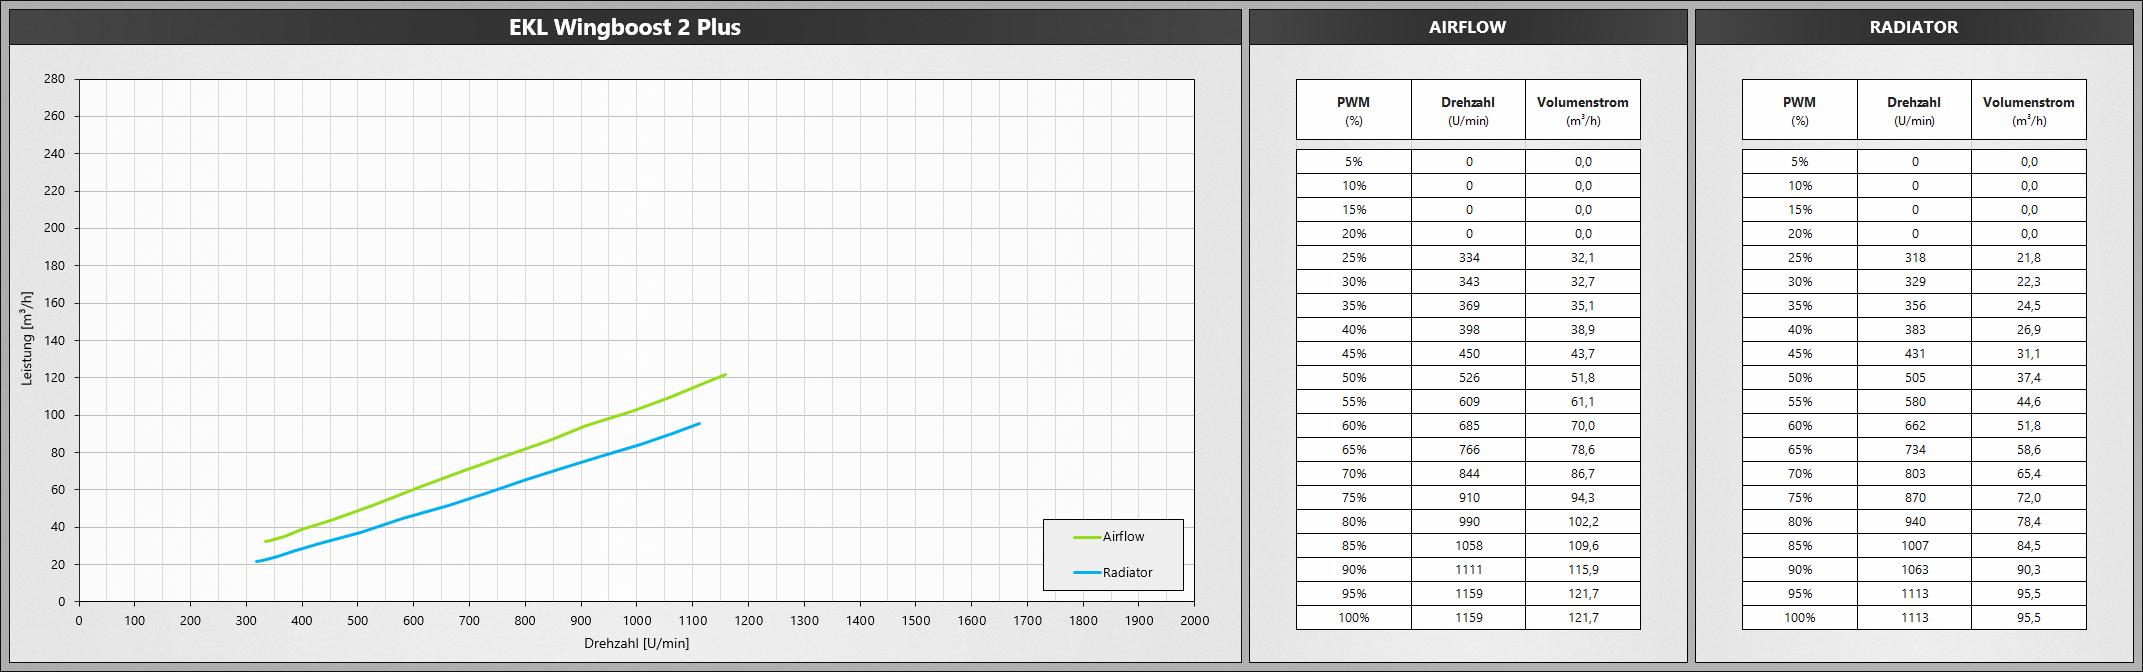 Klicken Sie auf die Grafik für eine größere Ansicht  Name:EKLWB2+.png Hits:664 Größe:470,0 KB ID:1074756